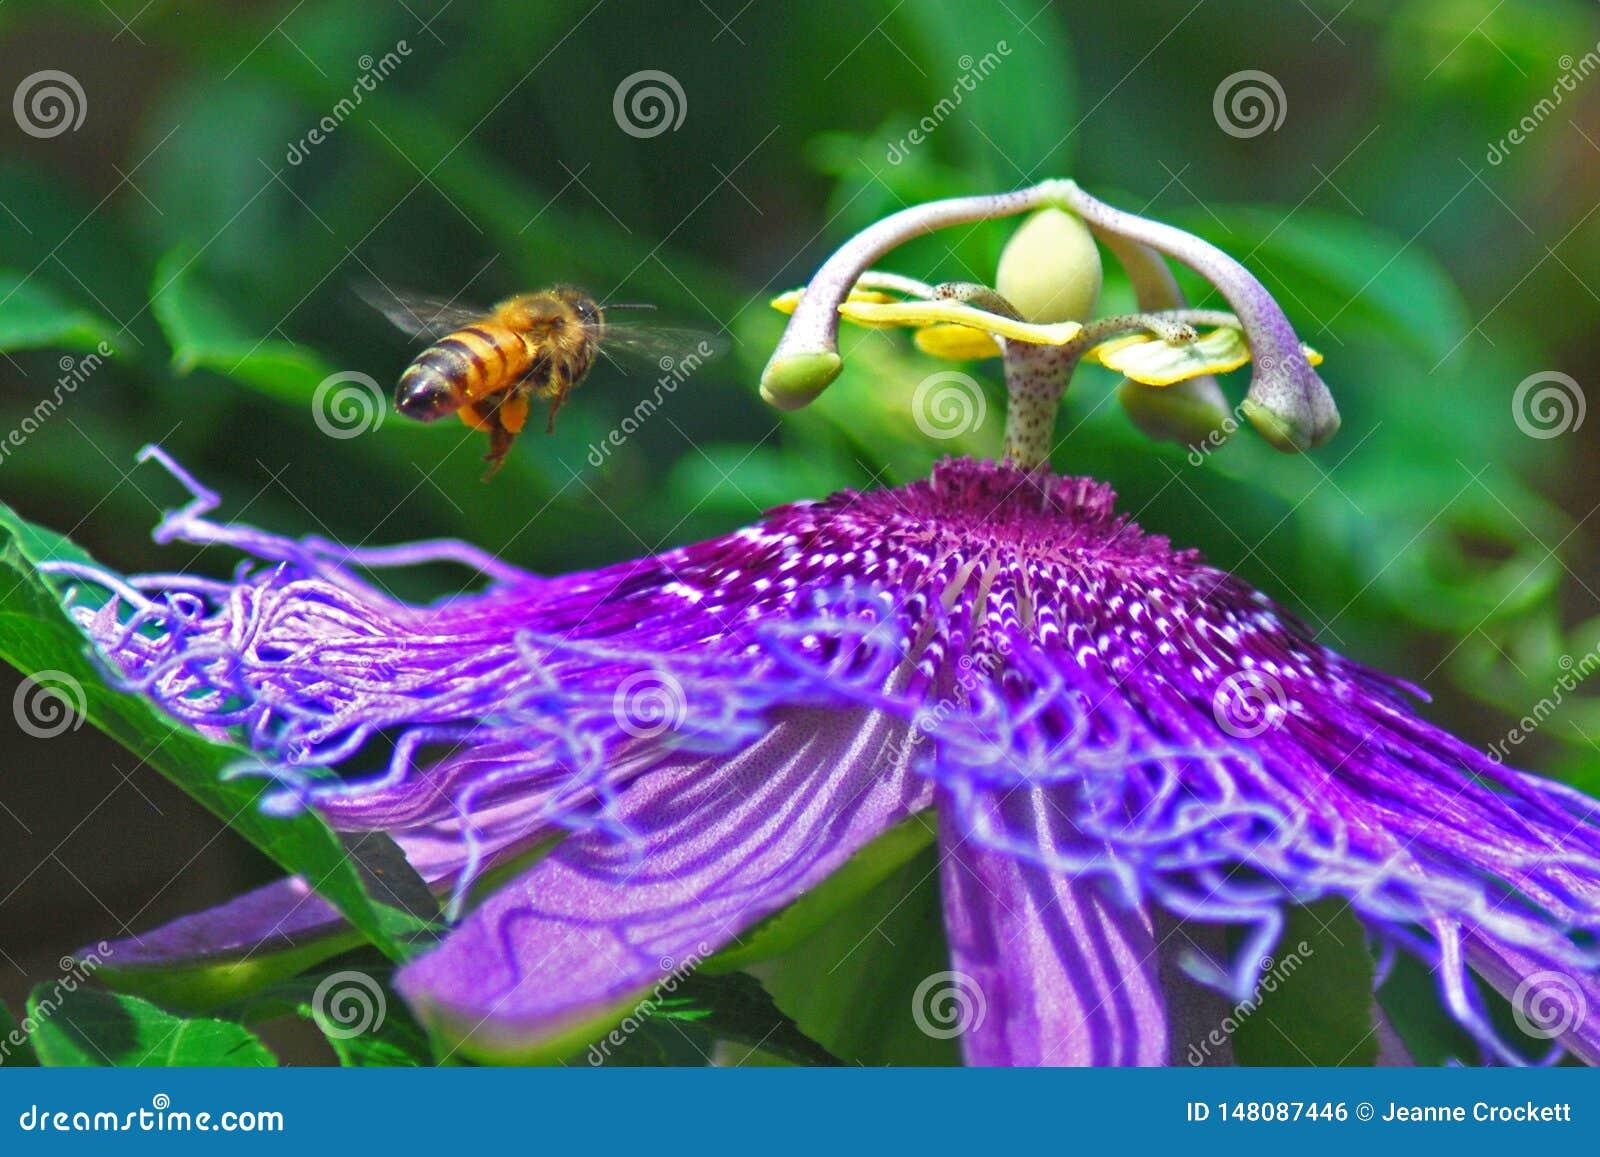 Пчела и пурпурный цветок лозы страсти